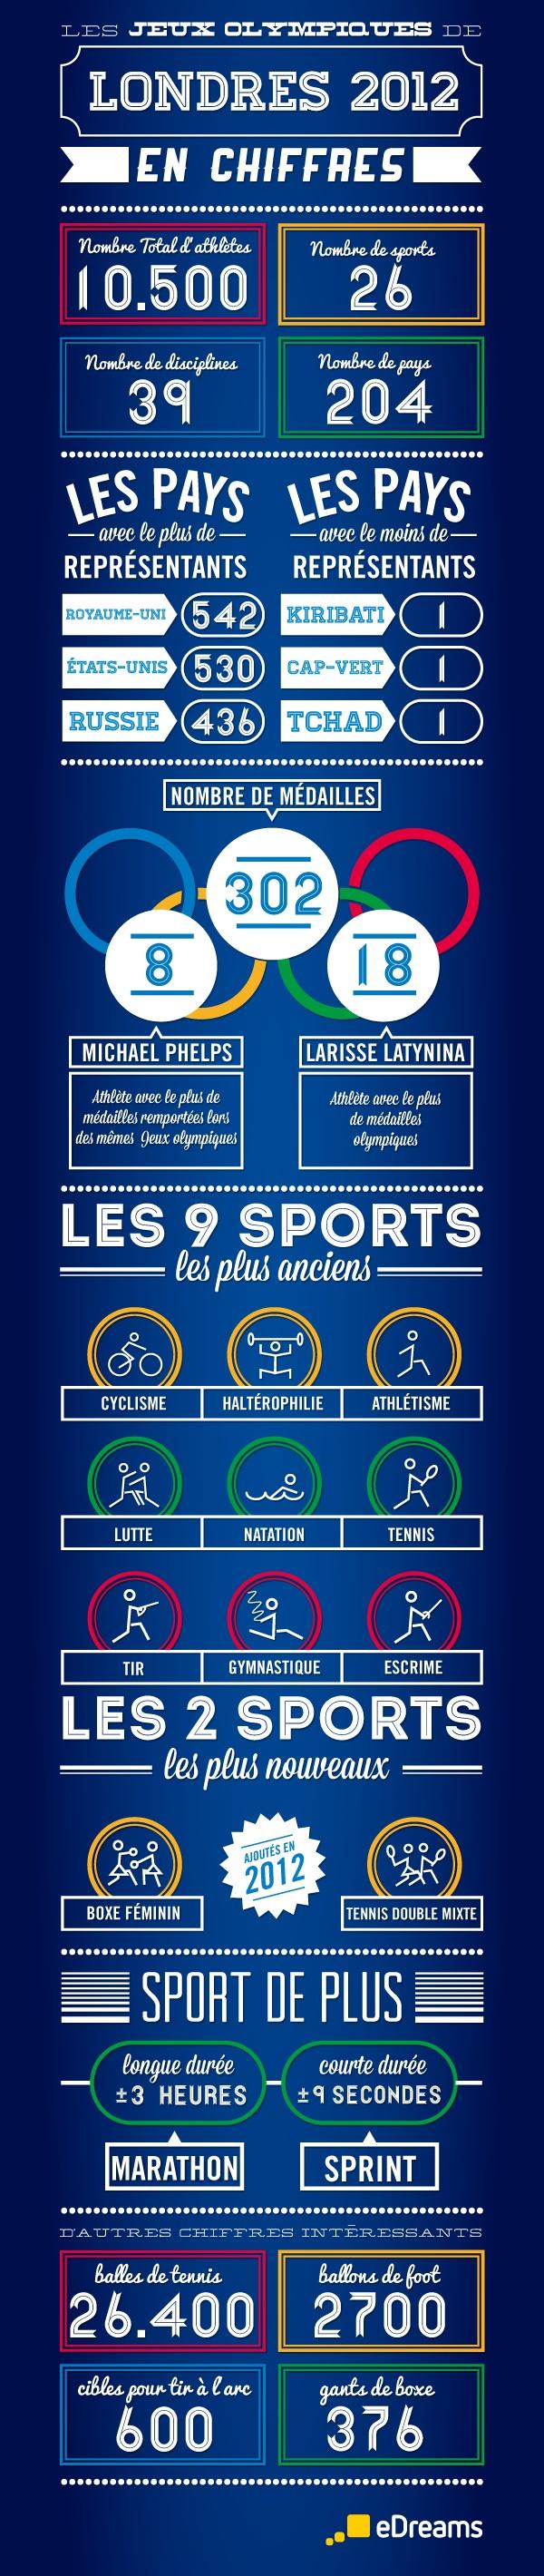 Jeux Olympiques 2012 en chiffres